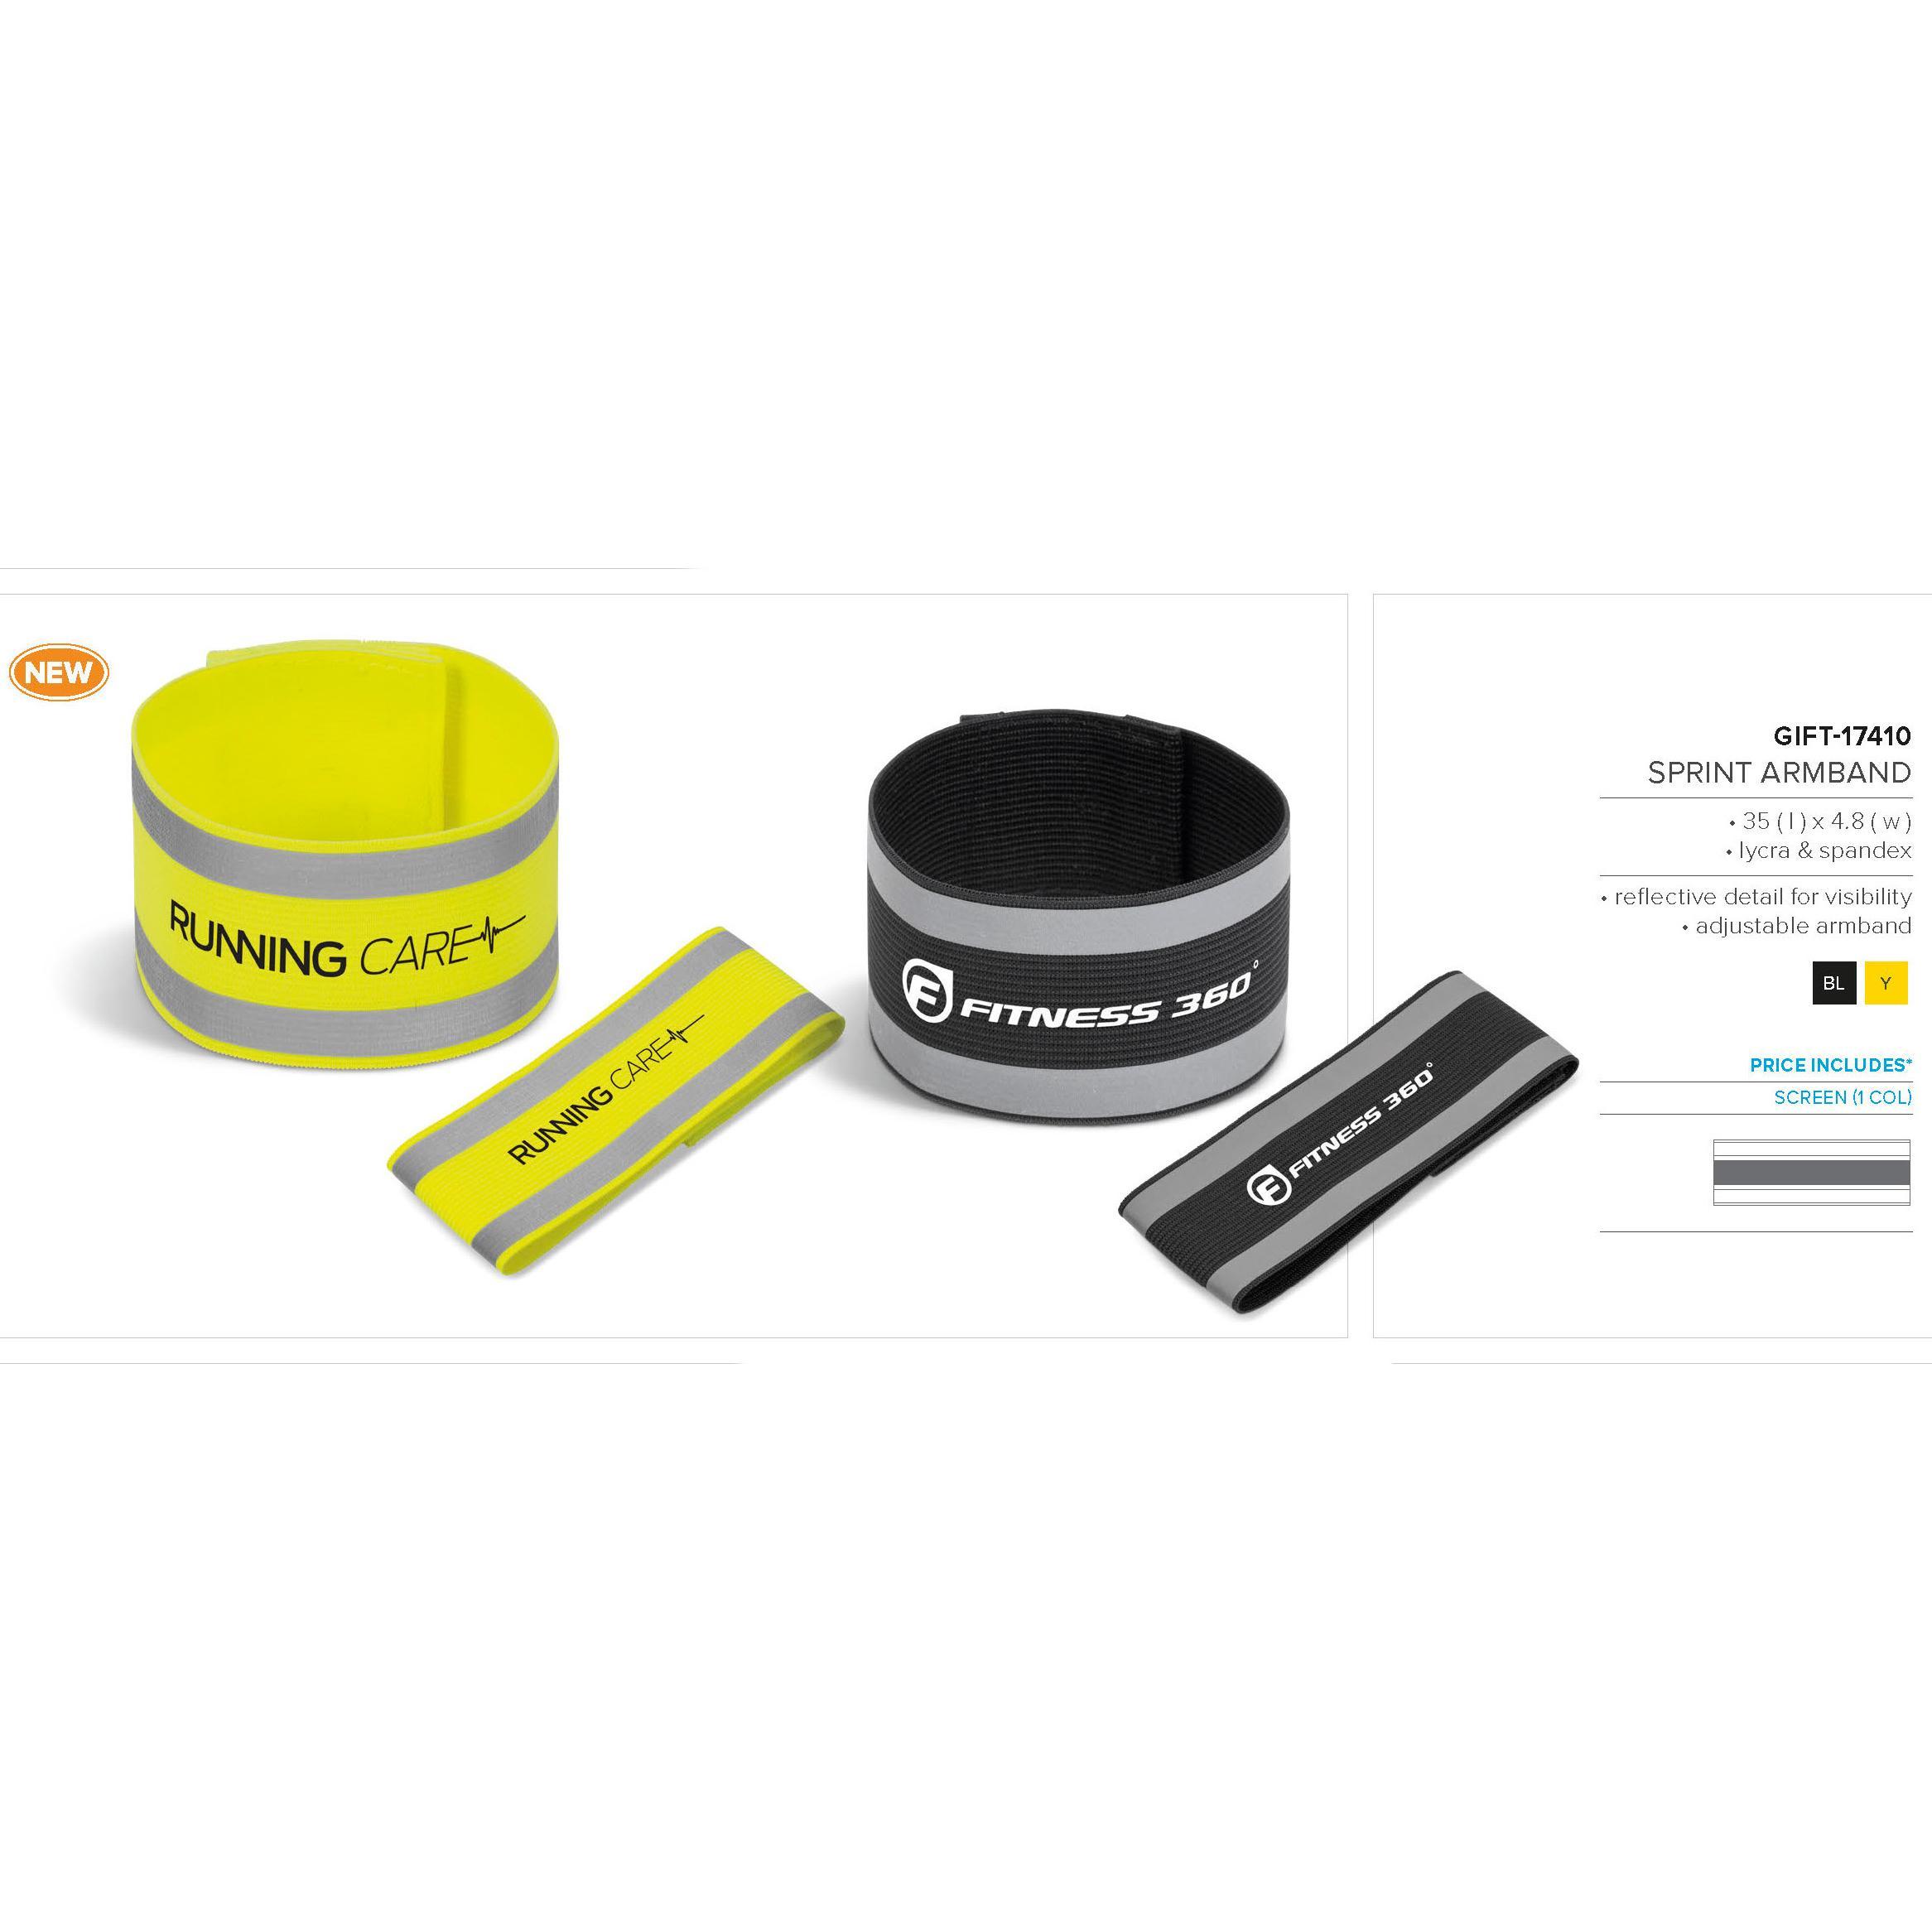 Sprint Armband